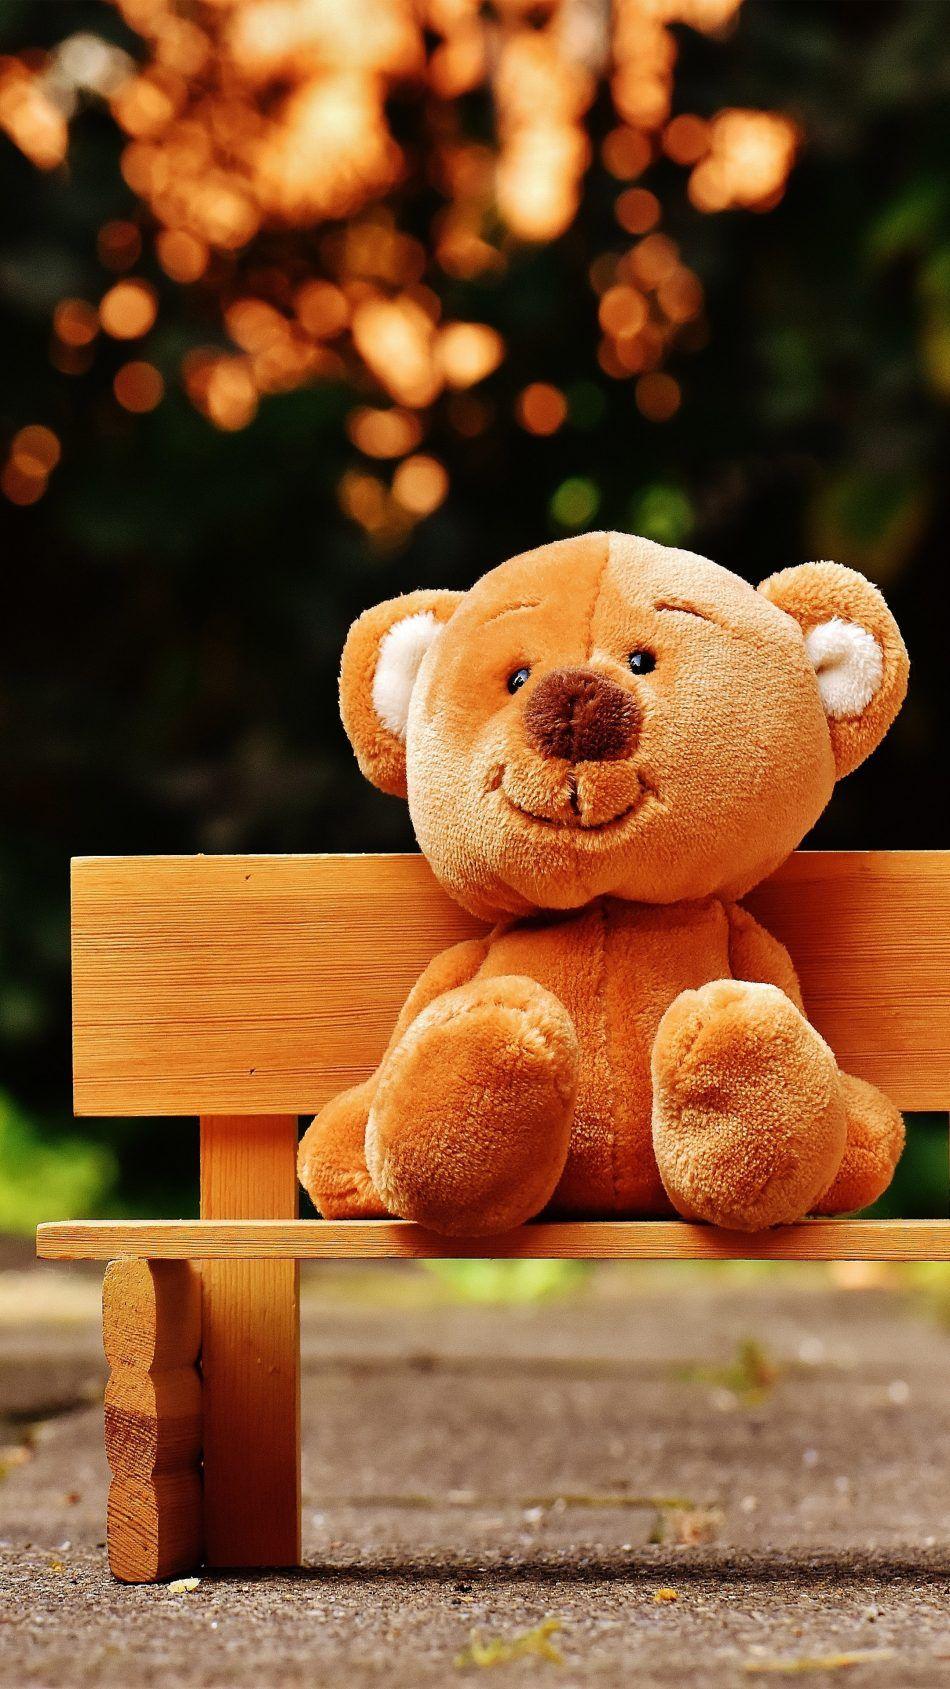 Cute Teddy Bear Park Bench 4k Ultra Hd Mobile Wallpaper Teddy Bear Wallpaper Cute Teddy Bear Pics Teddy Bear Images